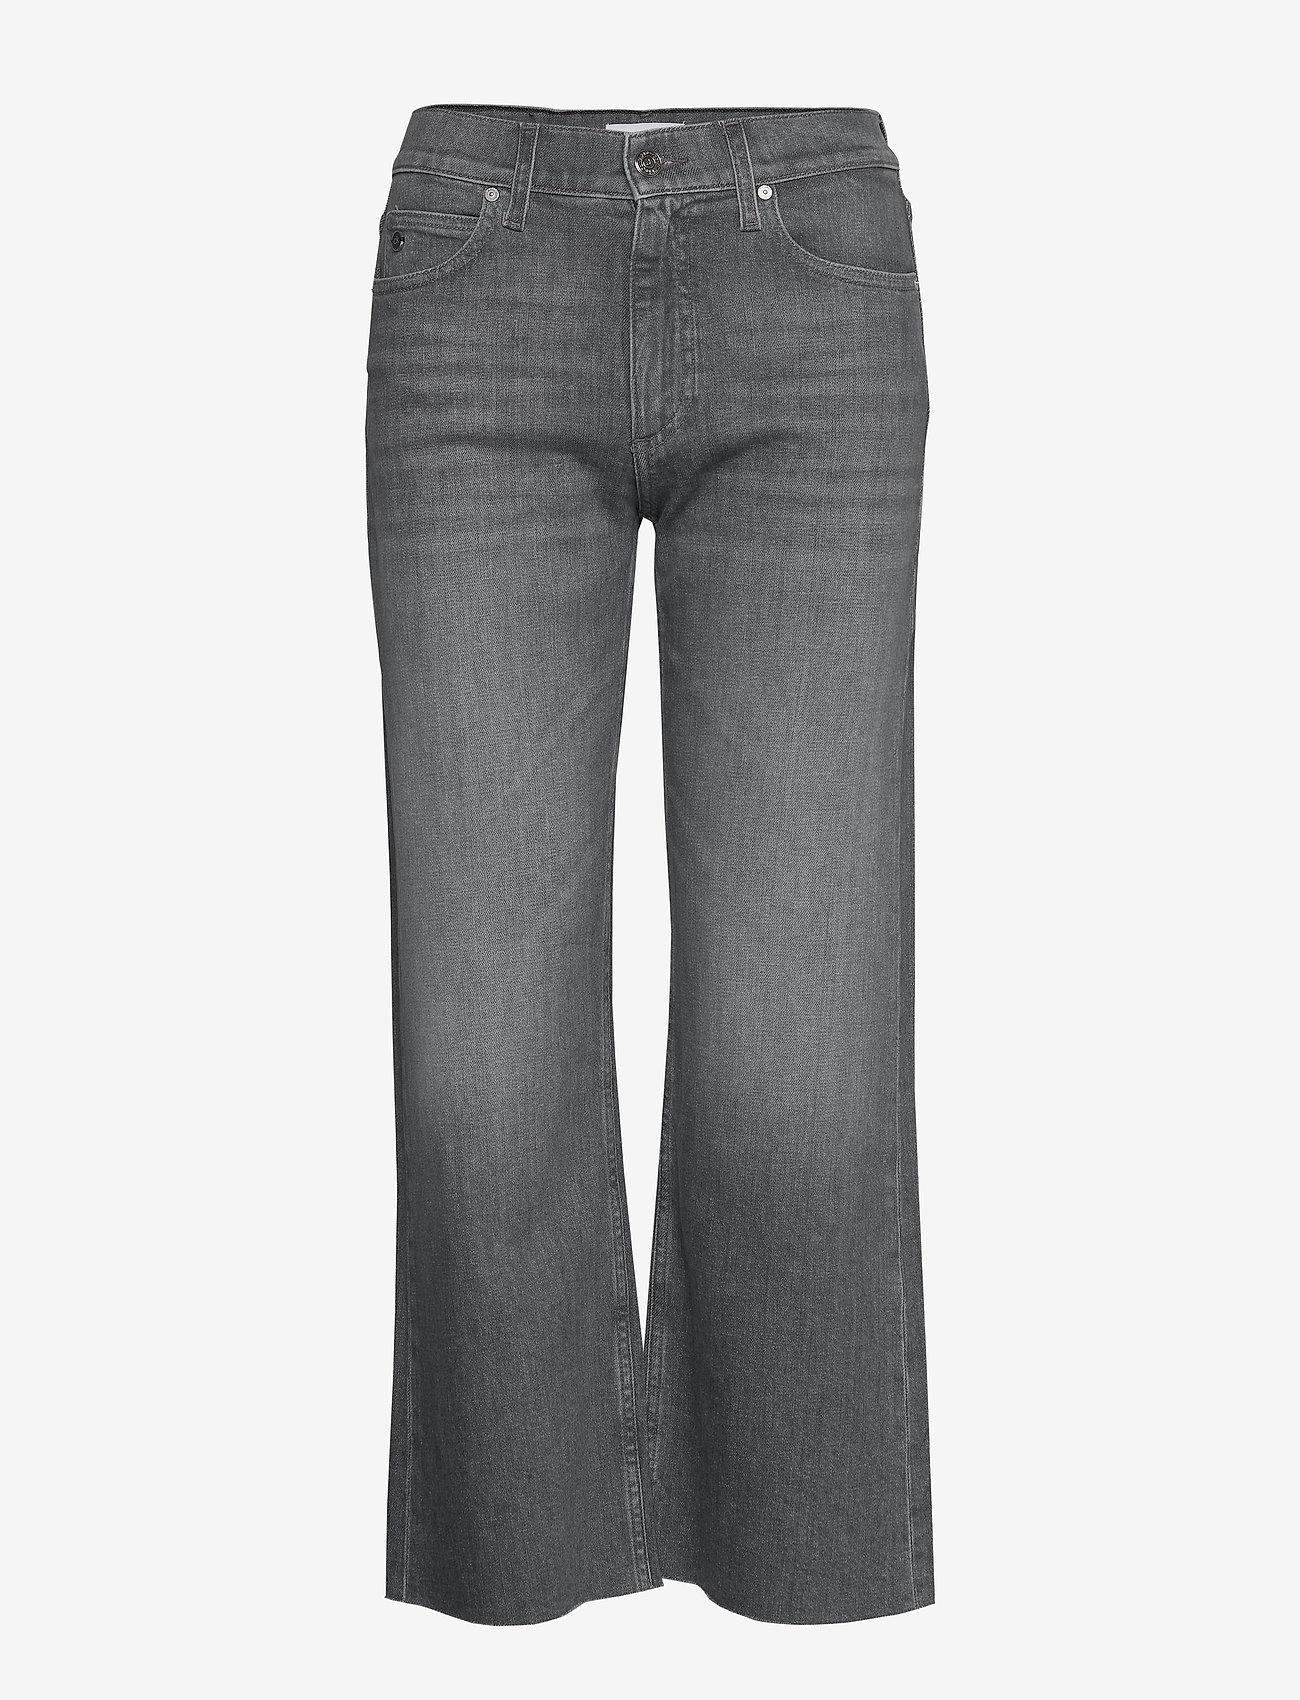 Calvin Klein - WIDE LEG CROP PANT - broeken met wijde pijpen - maceio mid grey - 0